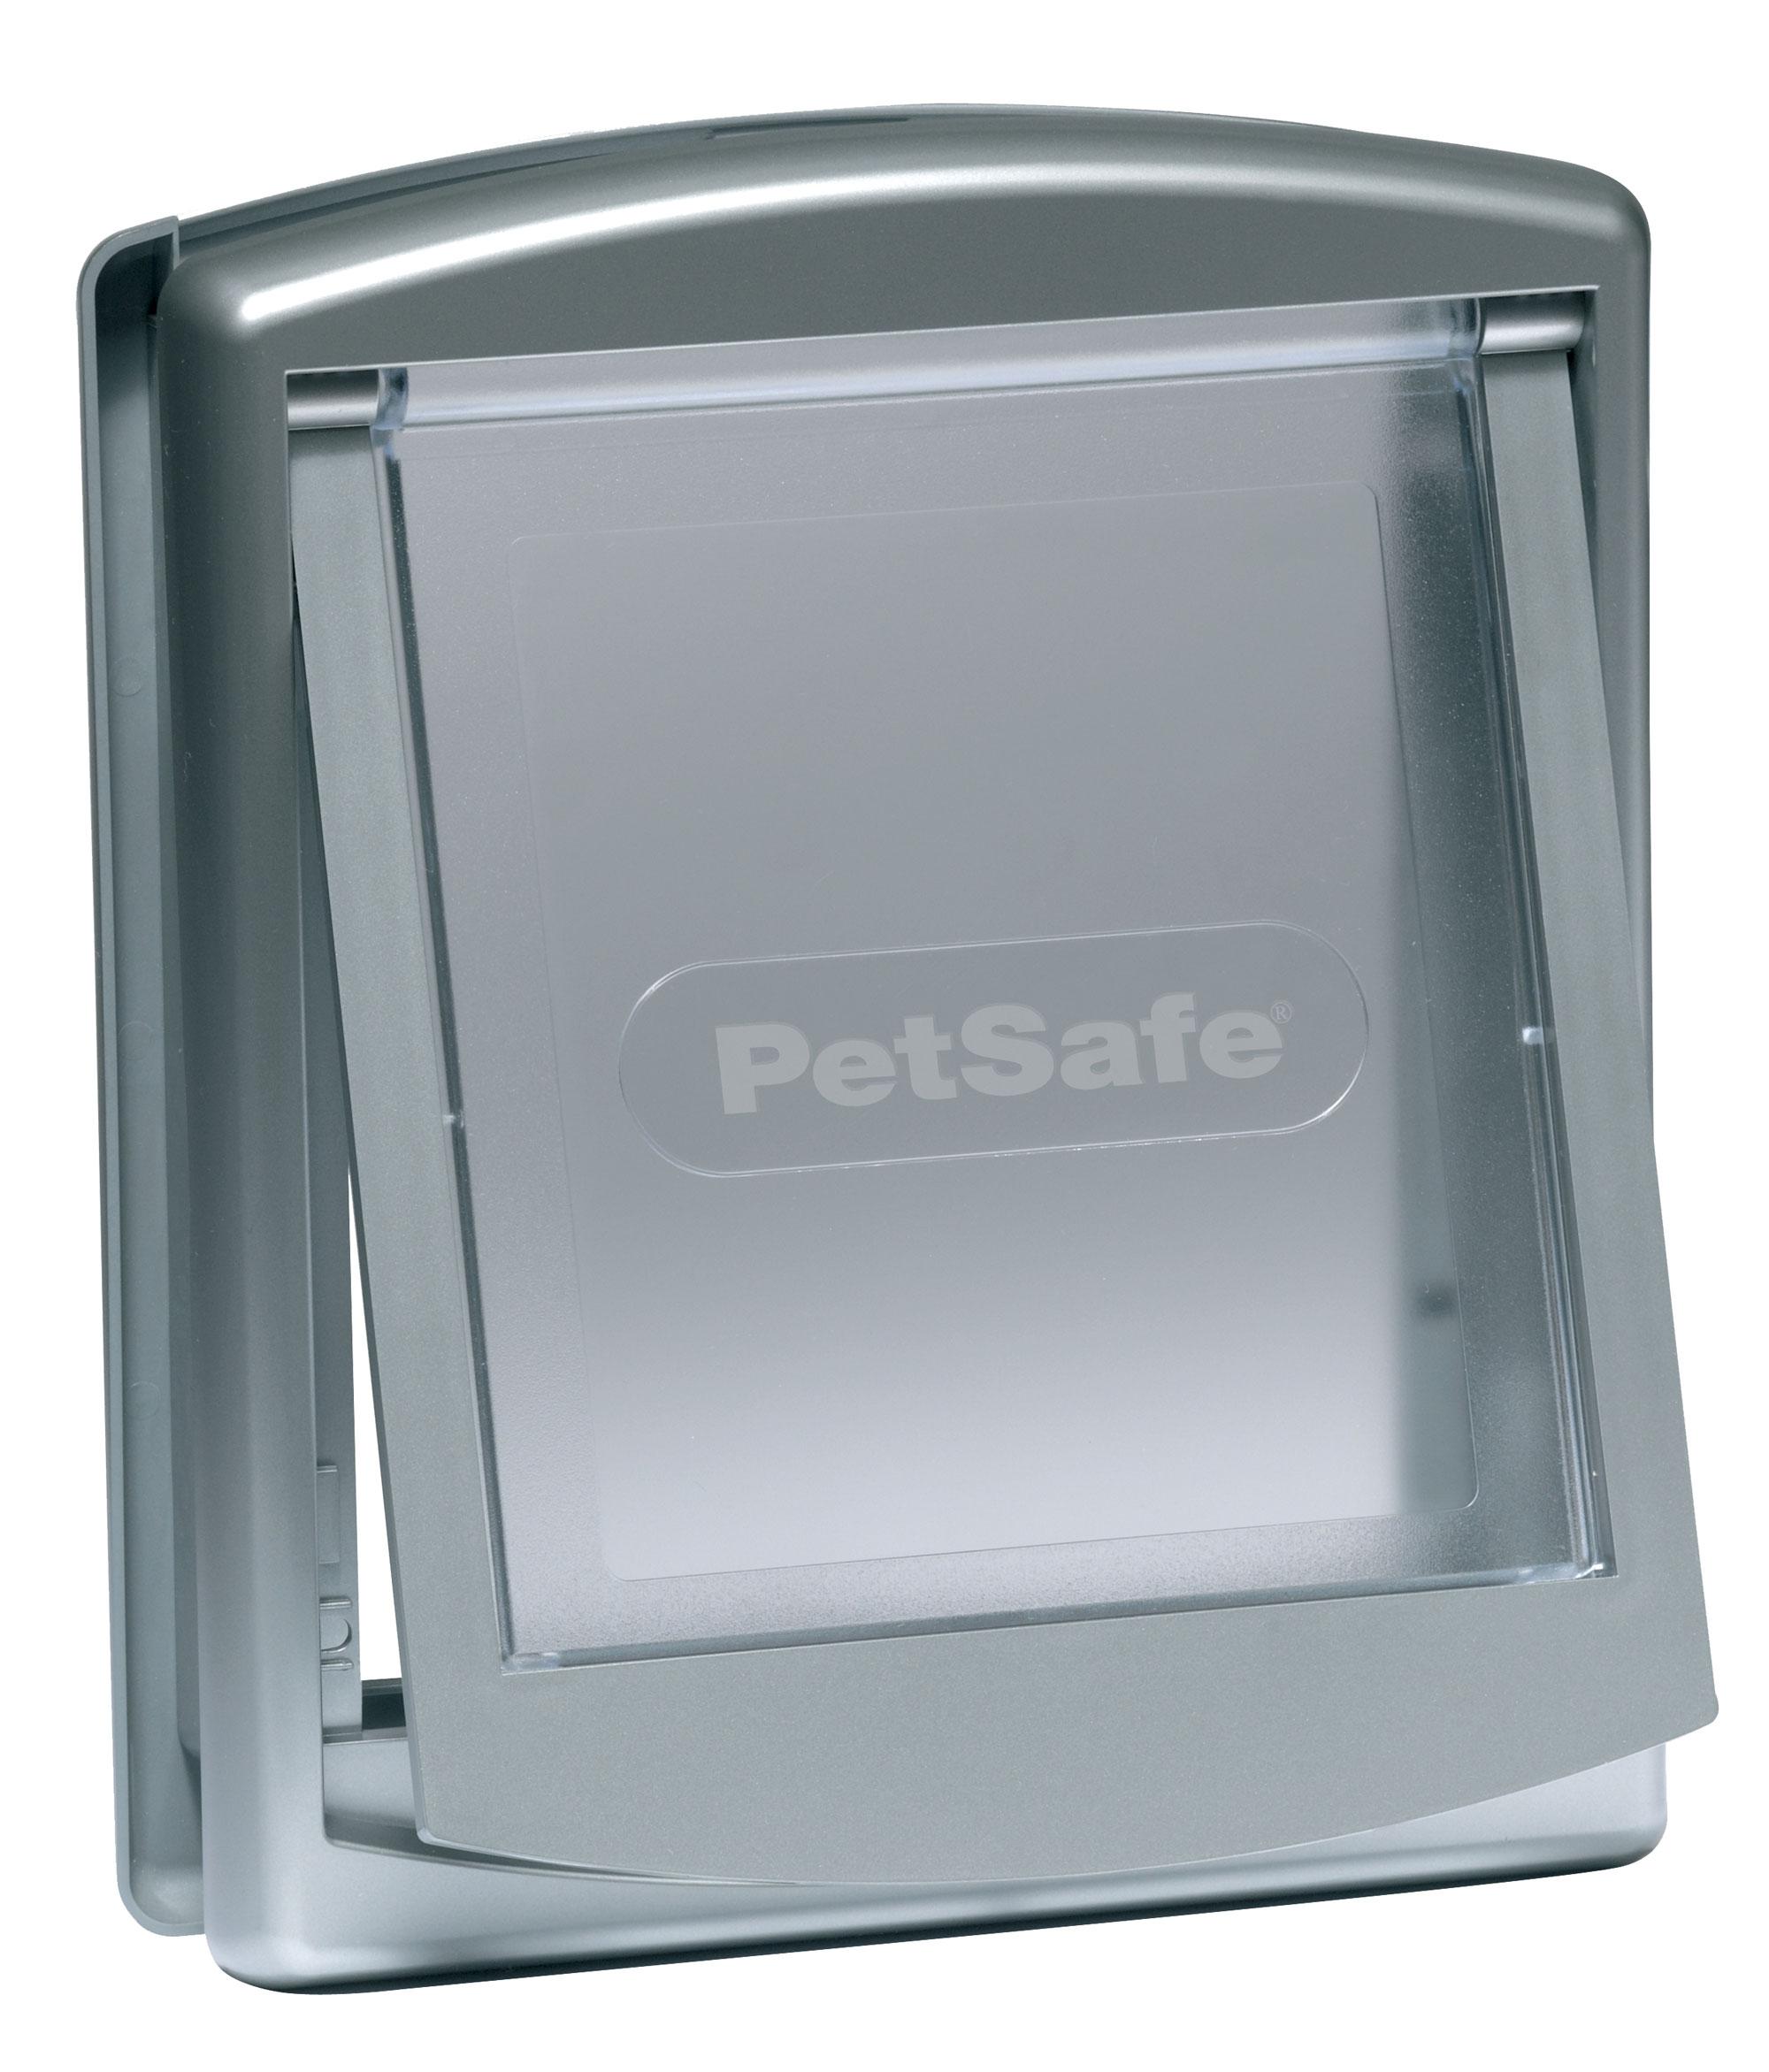 Hundetür / Hundeklappe PetSafe Staywell Original groß 456x386mm grau Bild 1